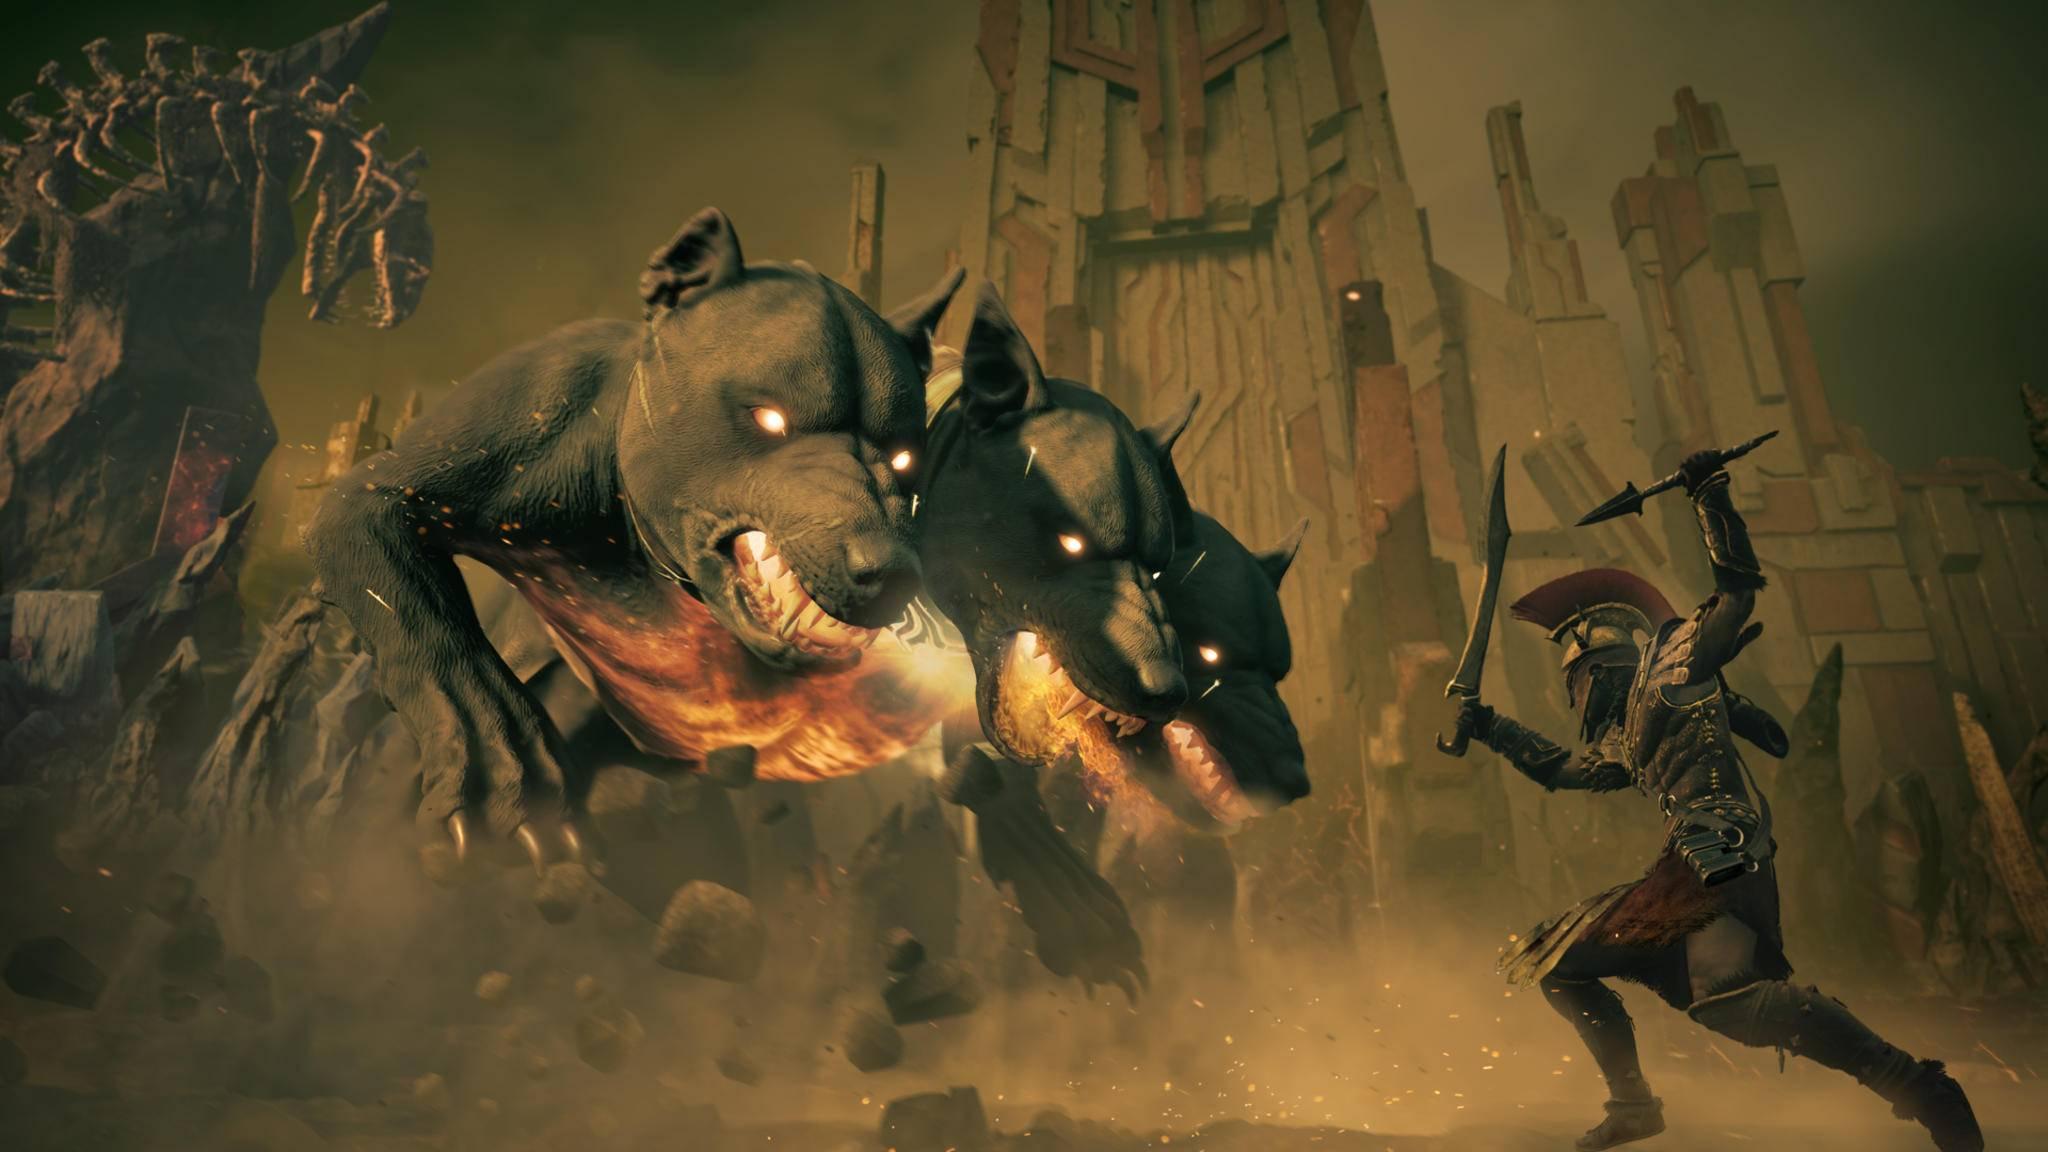 """Nach der Unterwelt geht es im letzten DLC von """"Assassin's Creed Odyssey"""" endlich auf nach Atlantis."""